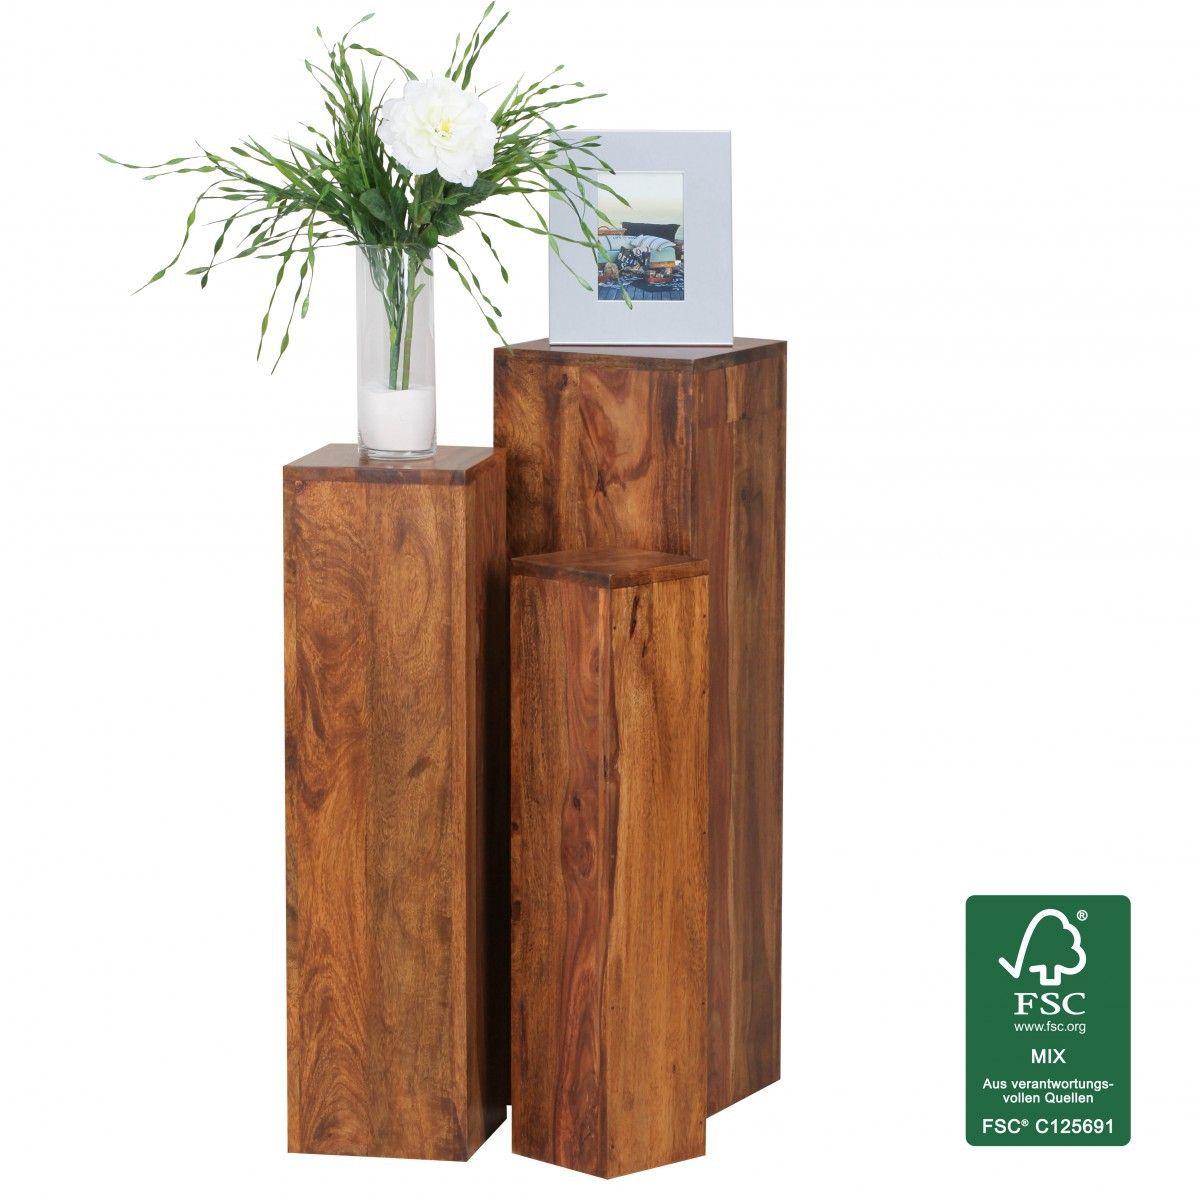 Finebuy Beistelltisch 3er Set Massivholz Sheesham Wohnzimmertisch Design Saulen Landhausstil Turme Tisch Quadratisch J Holztisch Natur Holztisch Beistelltische